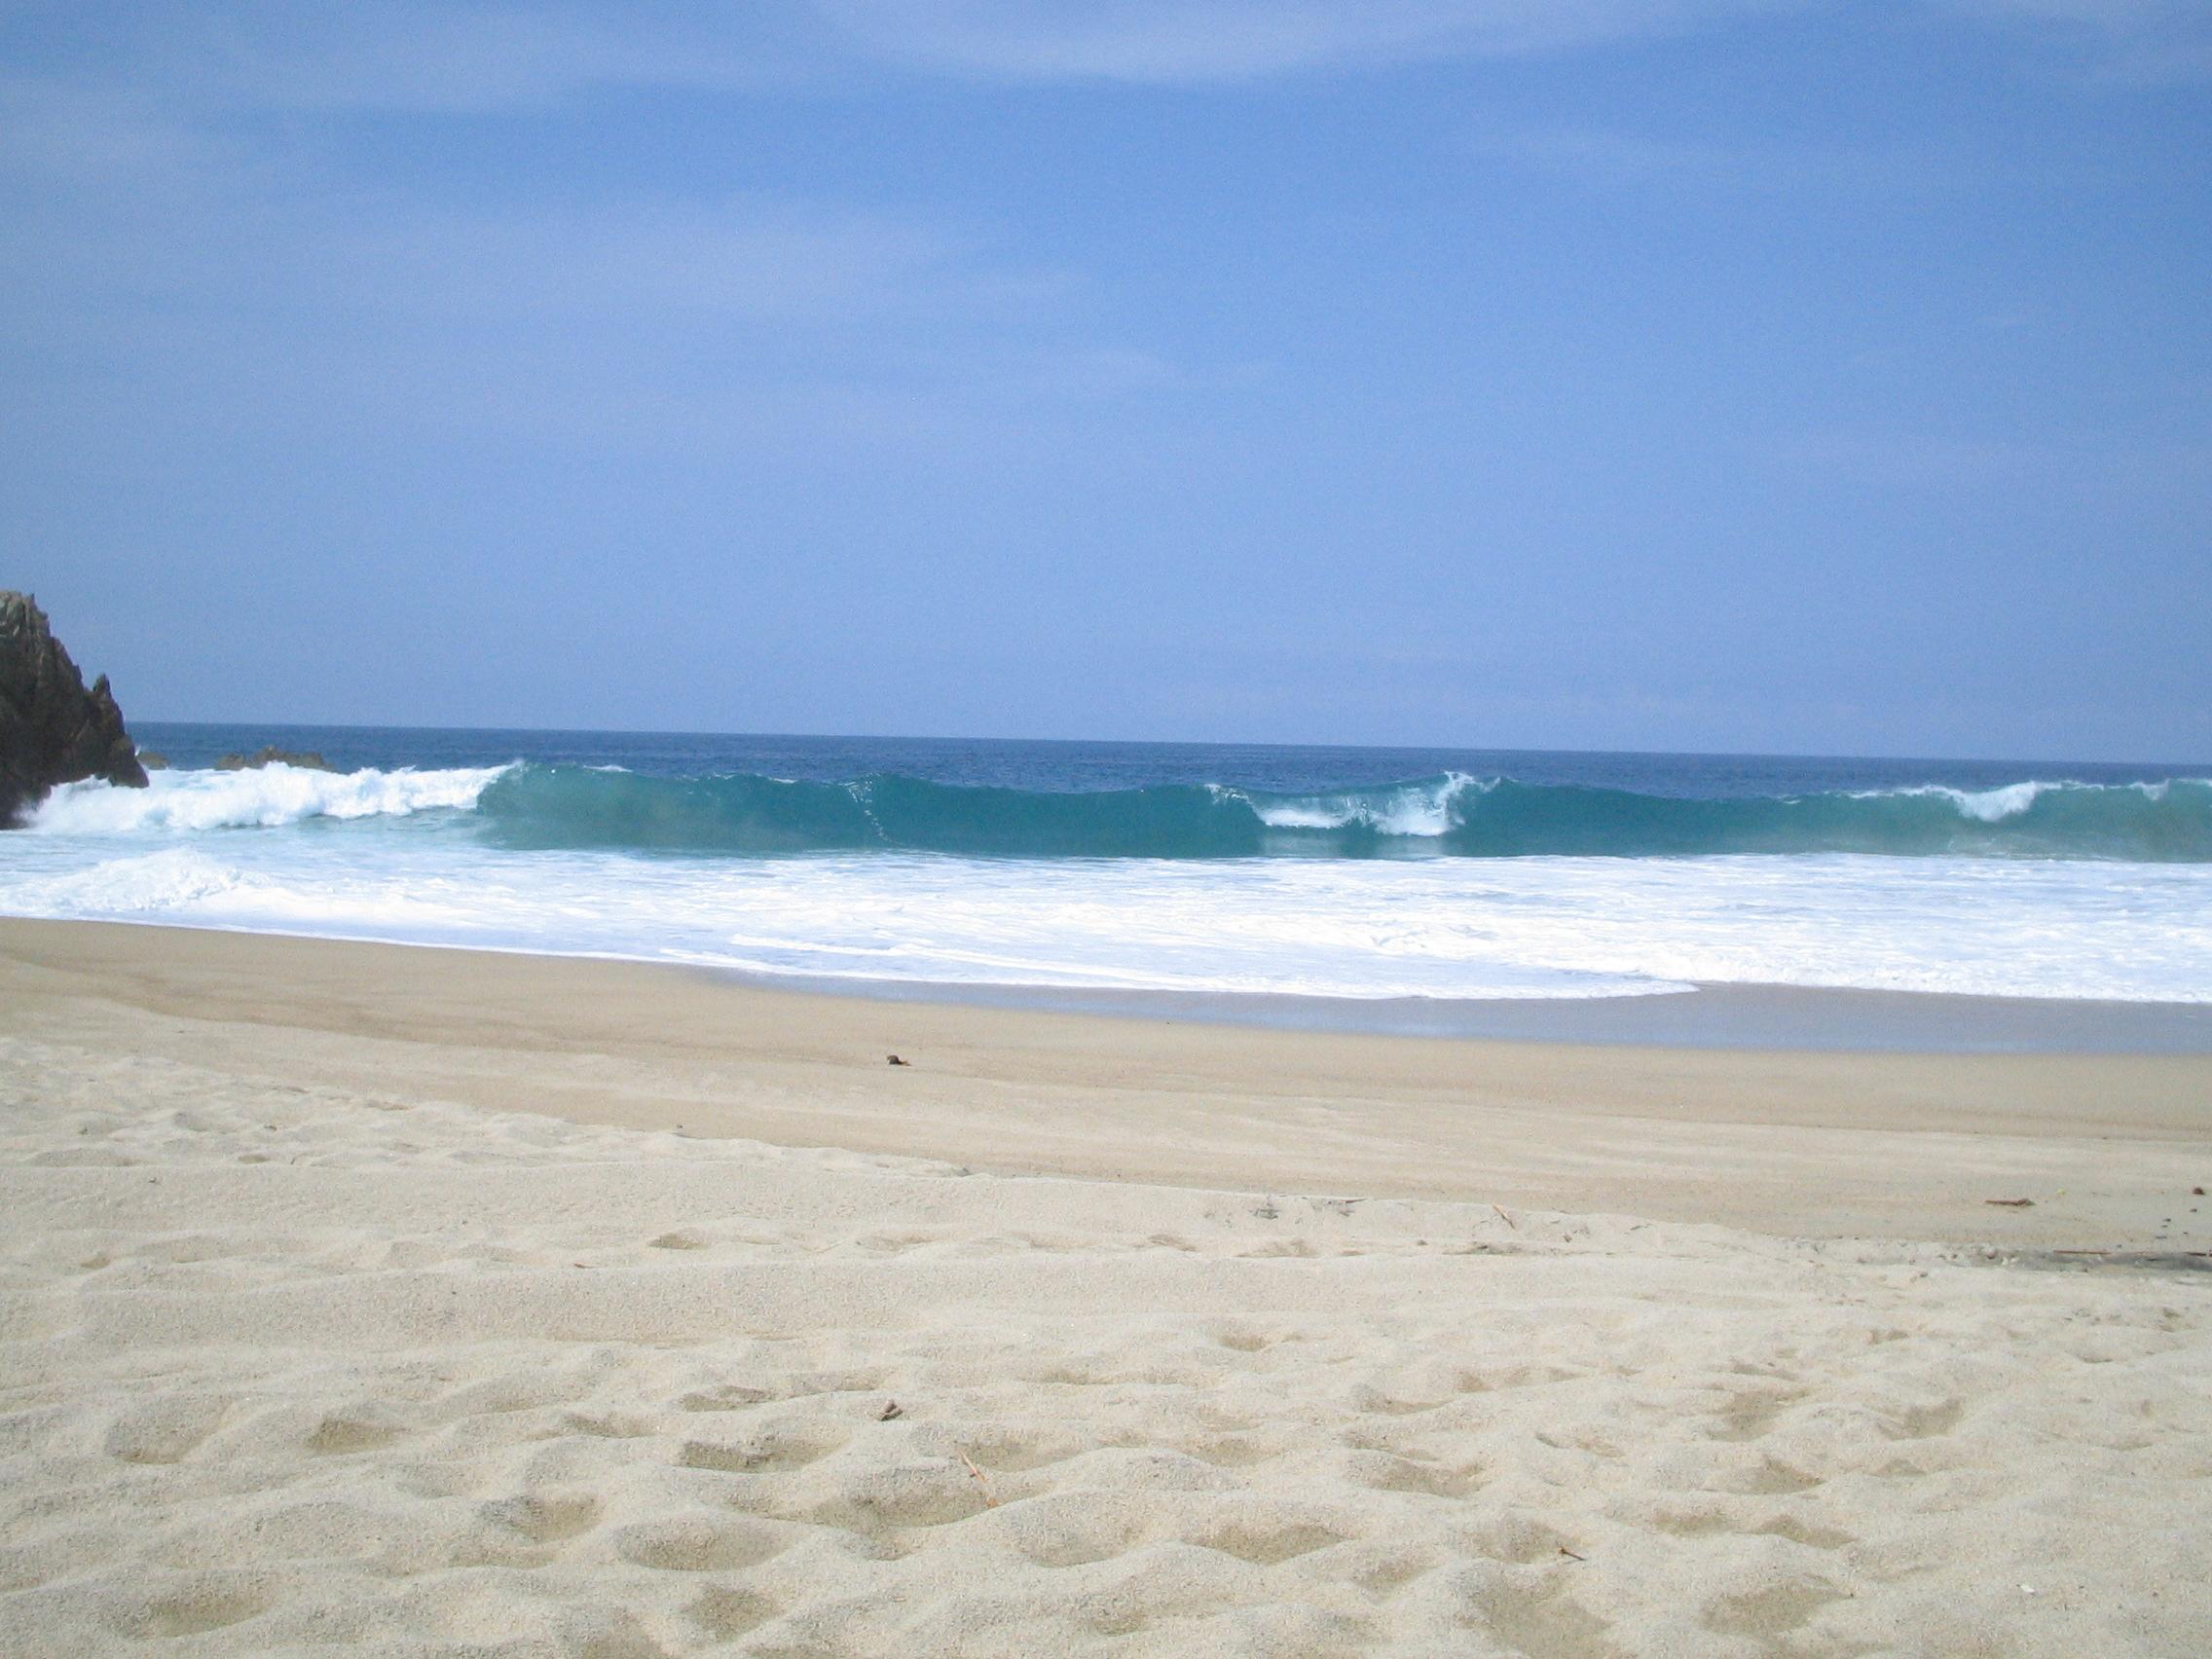 La Playa Mexico